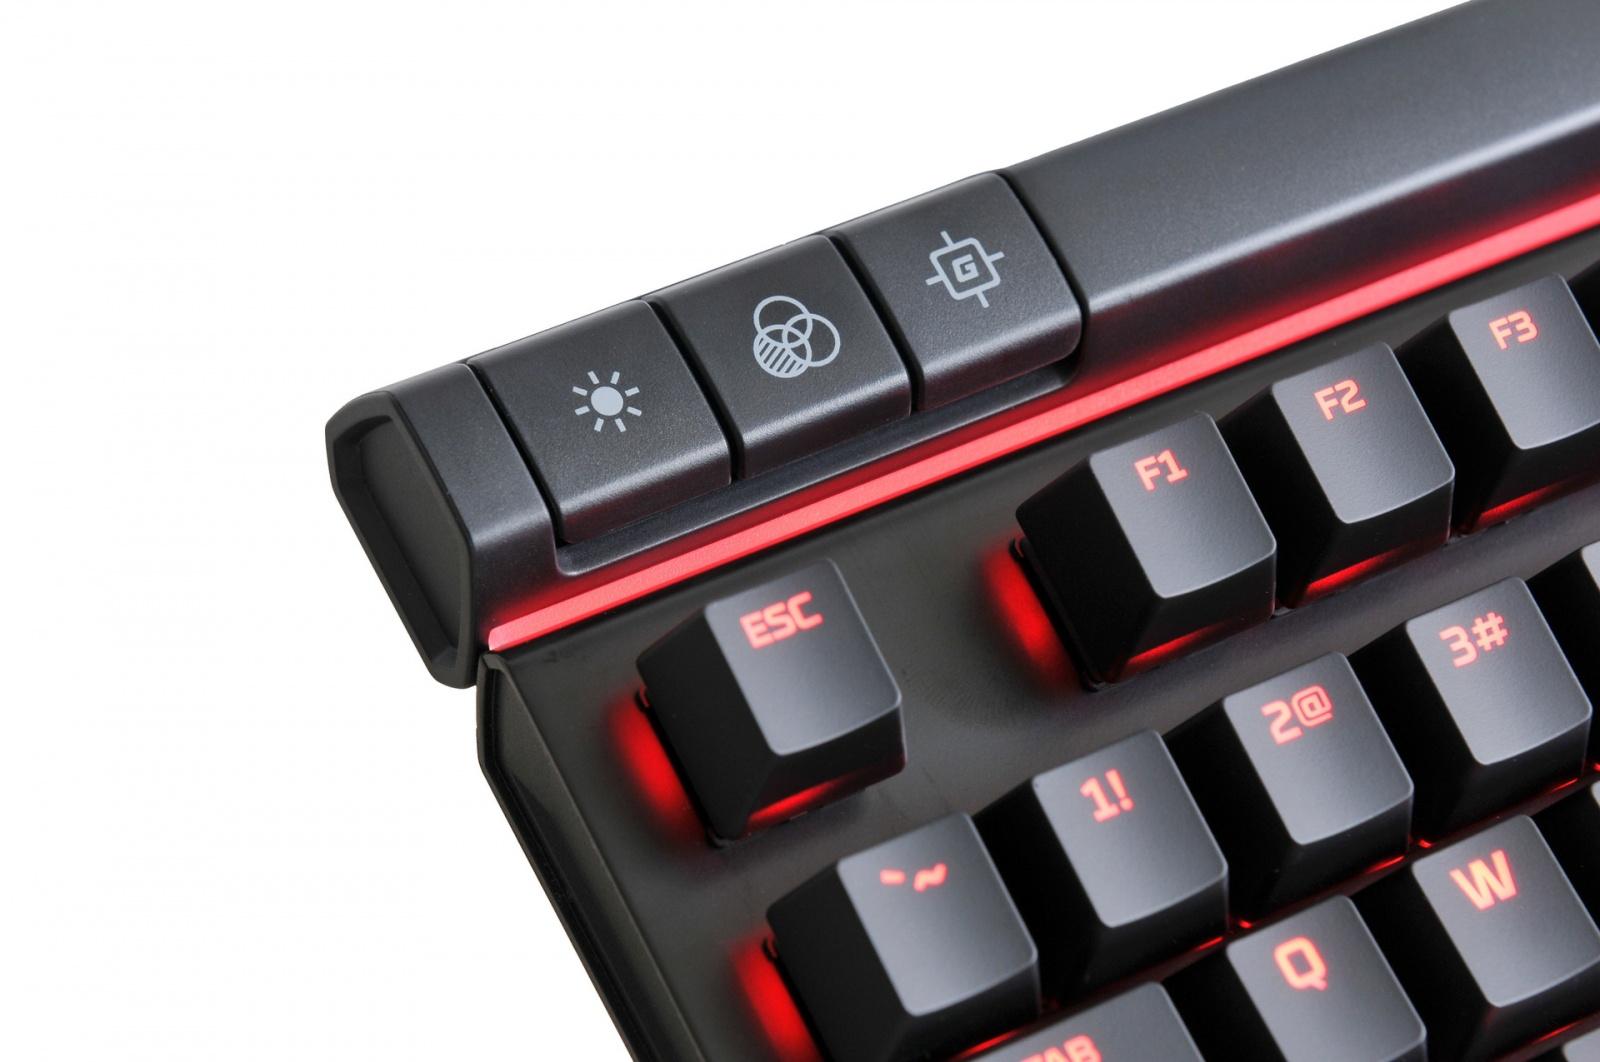 Новые механические клавиатуры HyperX Alloy Elite и Alloy FPS Pro: вам спорт или комфорт? - 4